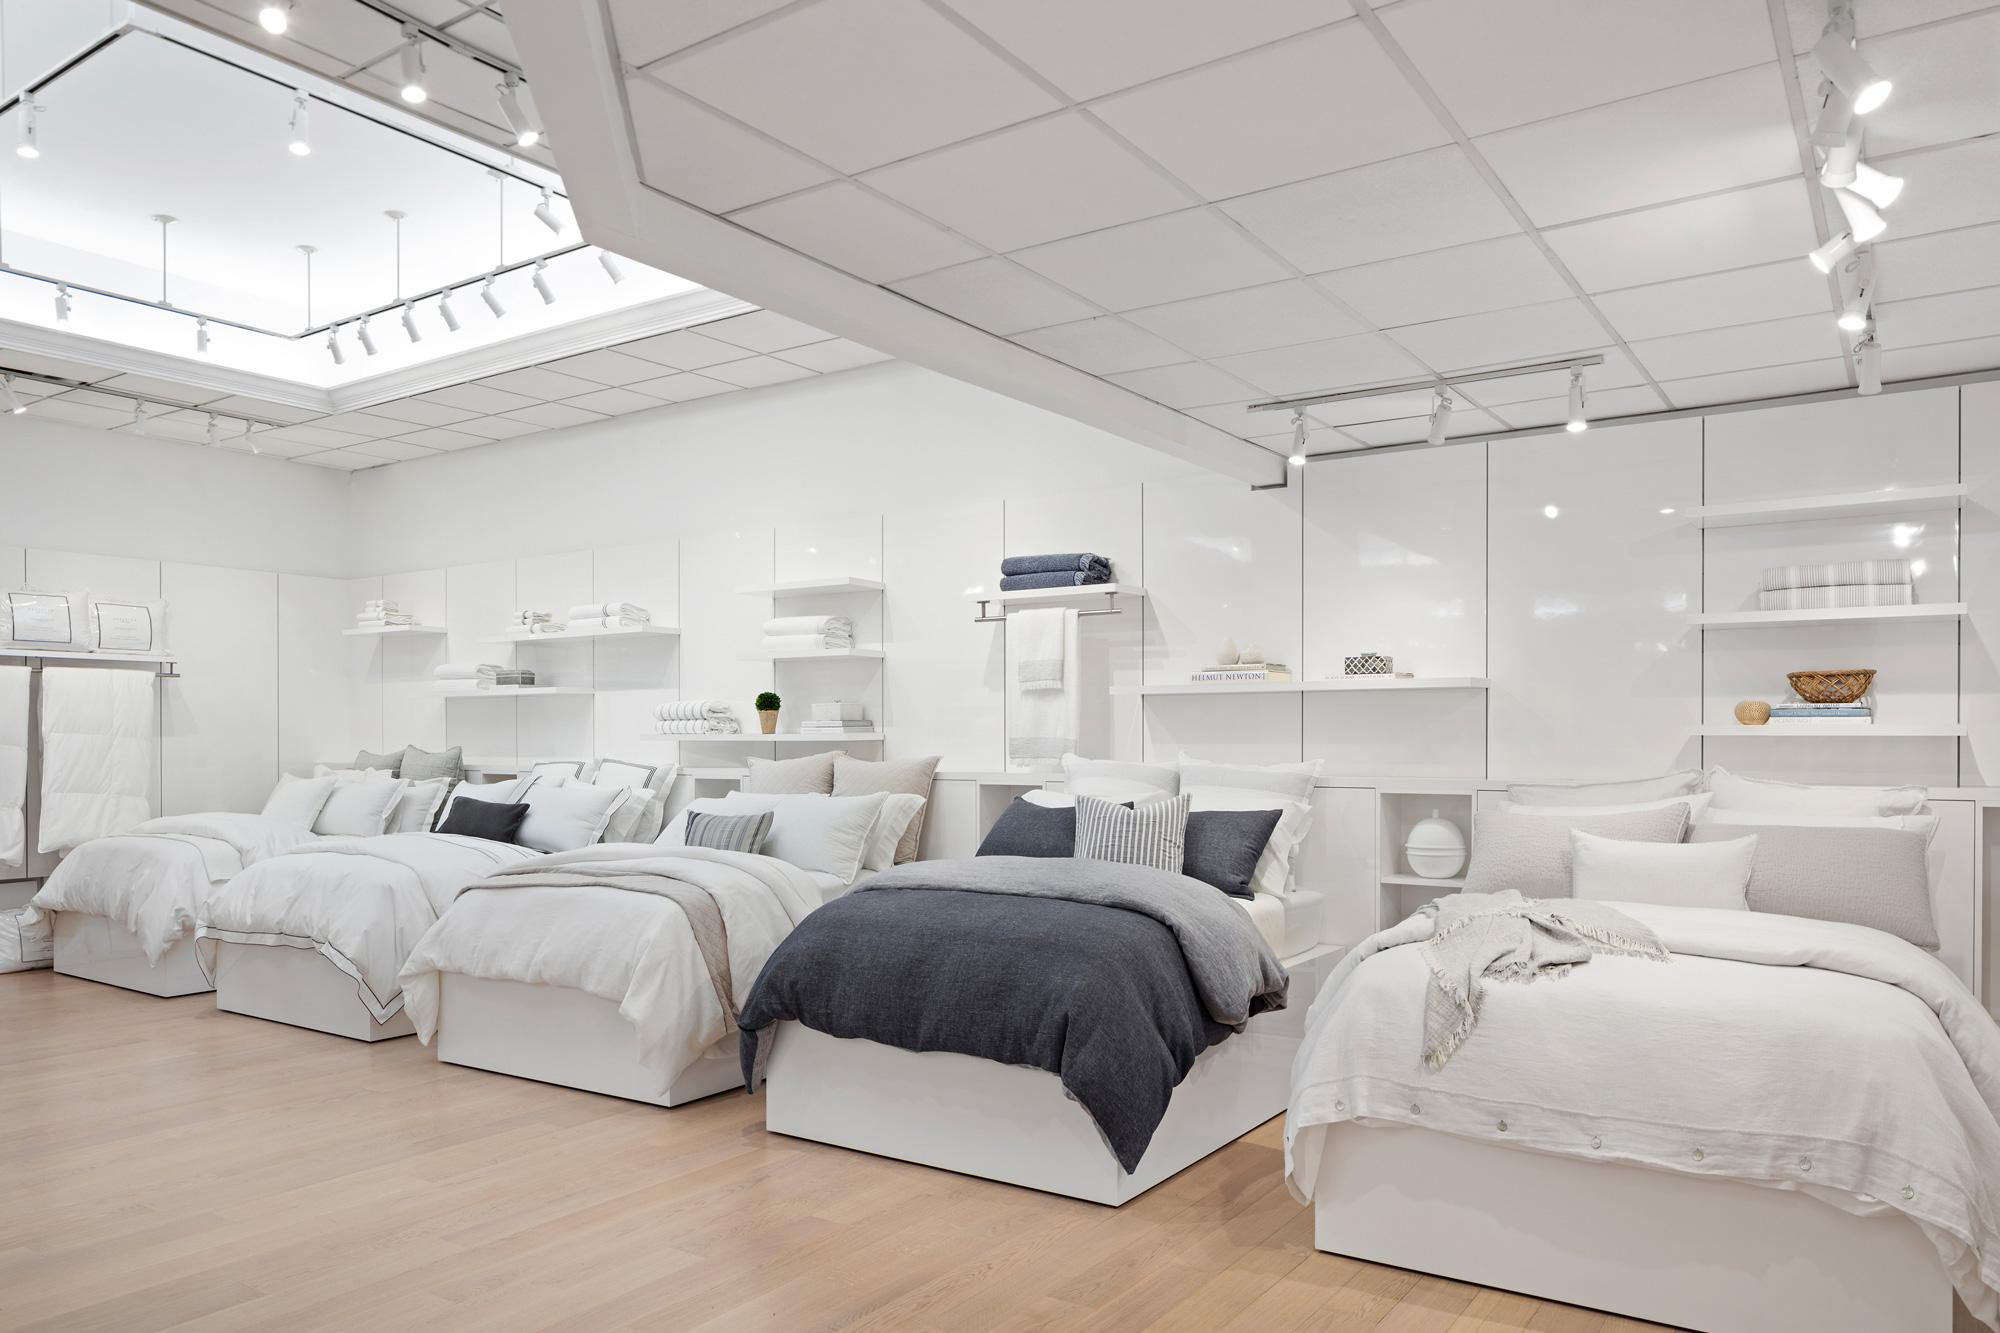 Kassatex_Showroom-Beds.jpg